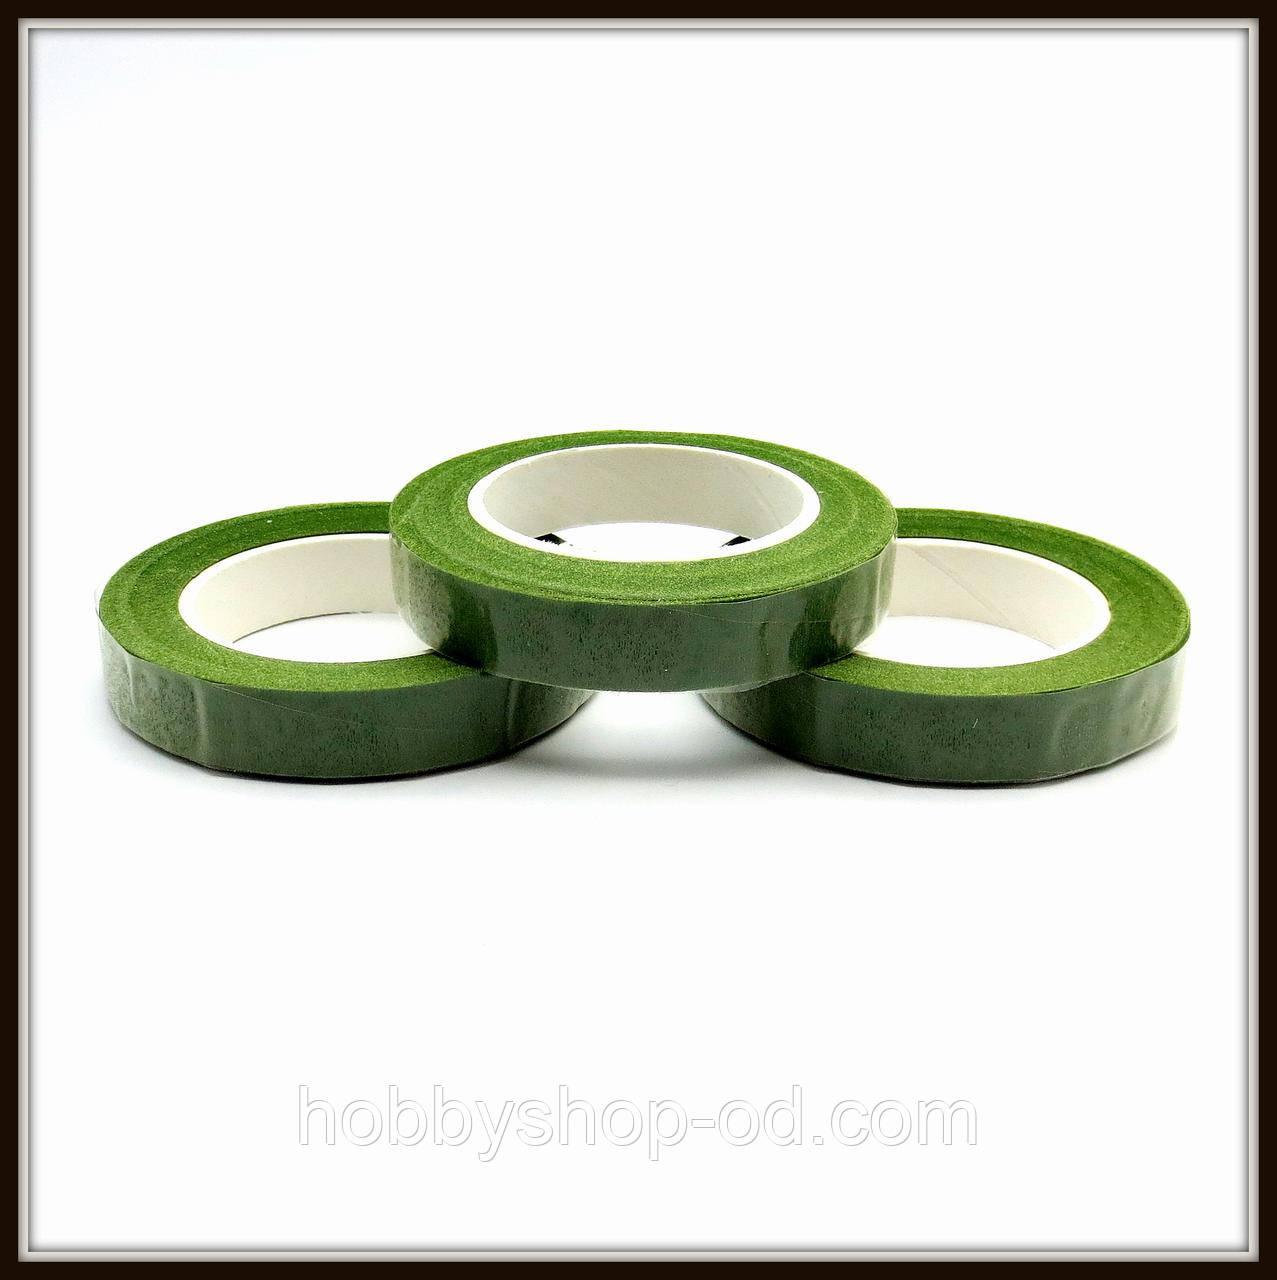 Лента флористическая светло-зеленая